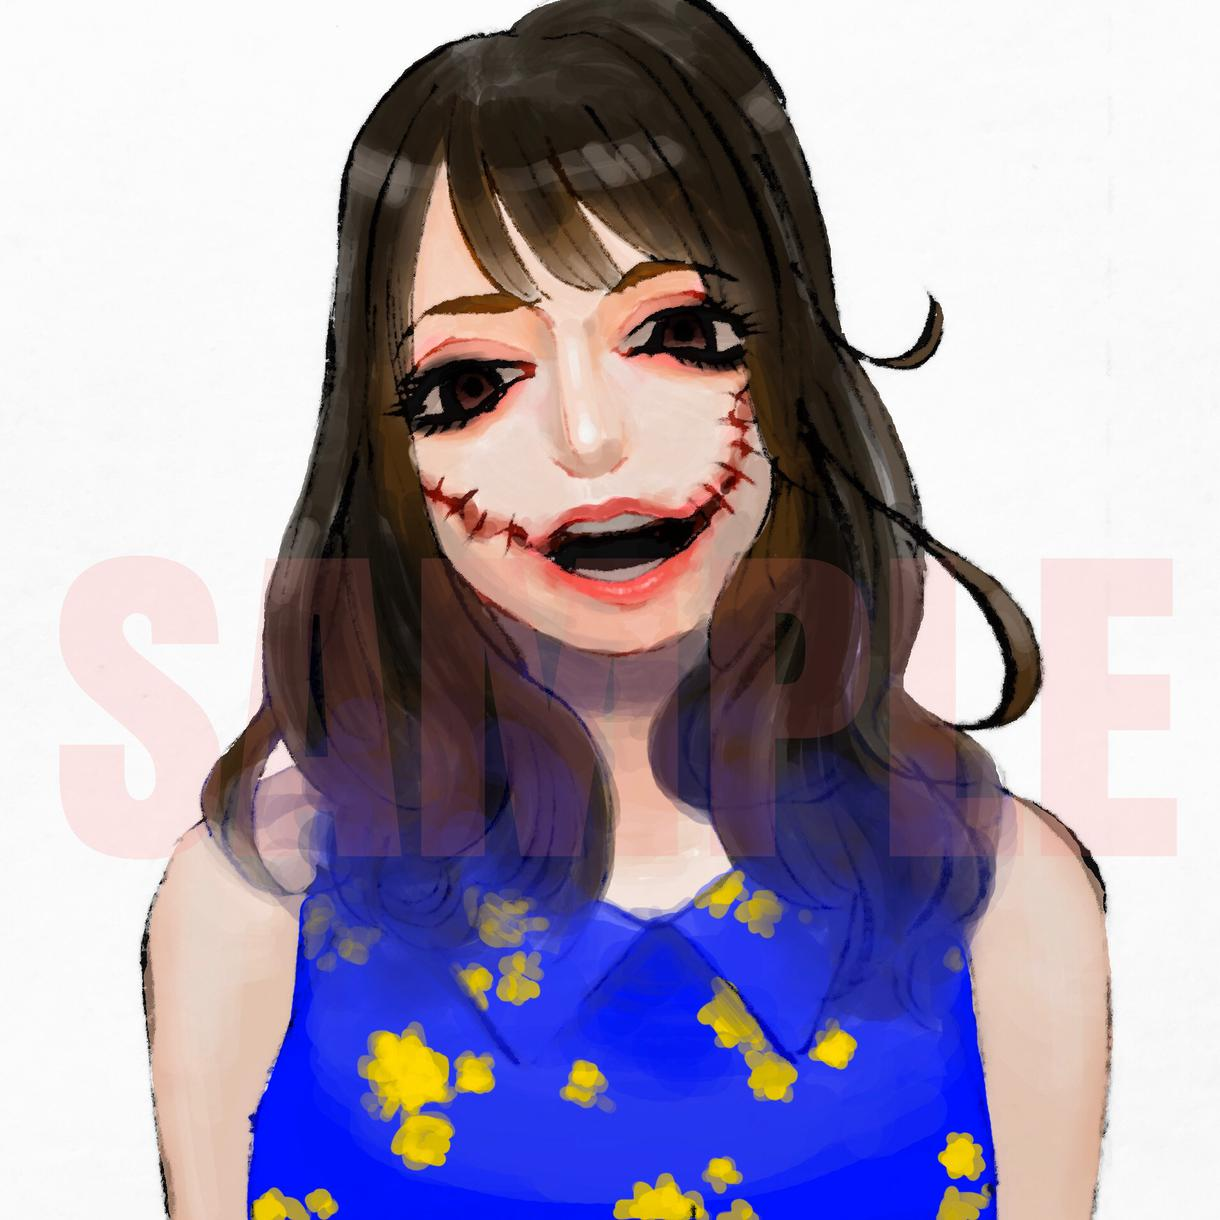 妖怪似顔絵描きます SNSのアイコンなどにご利用ください!